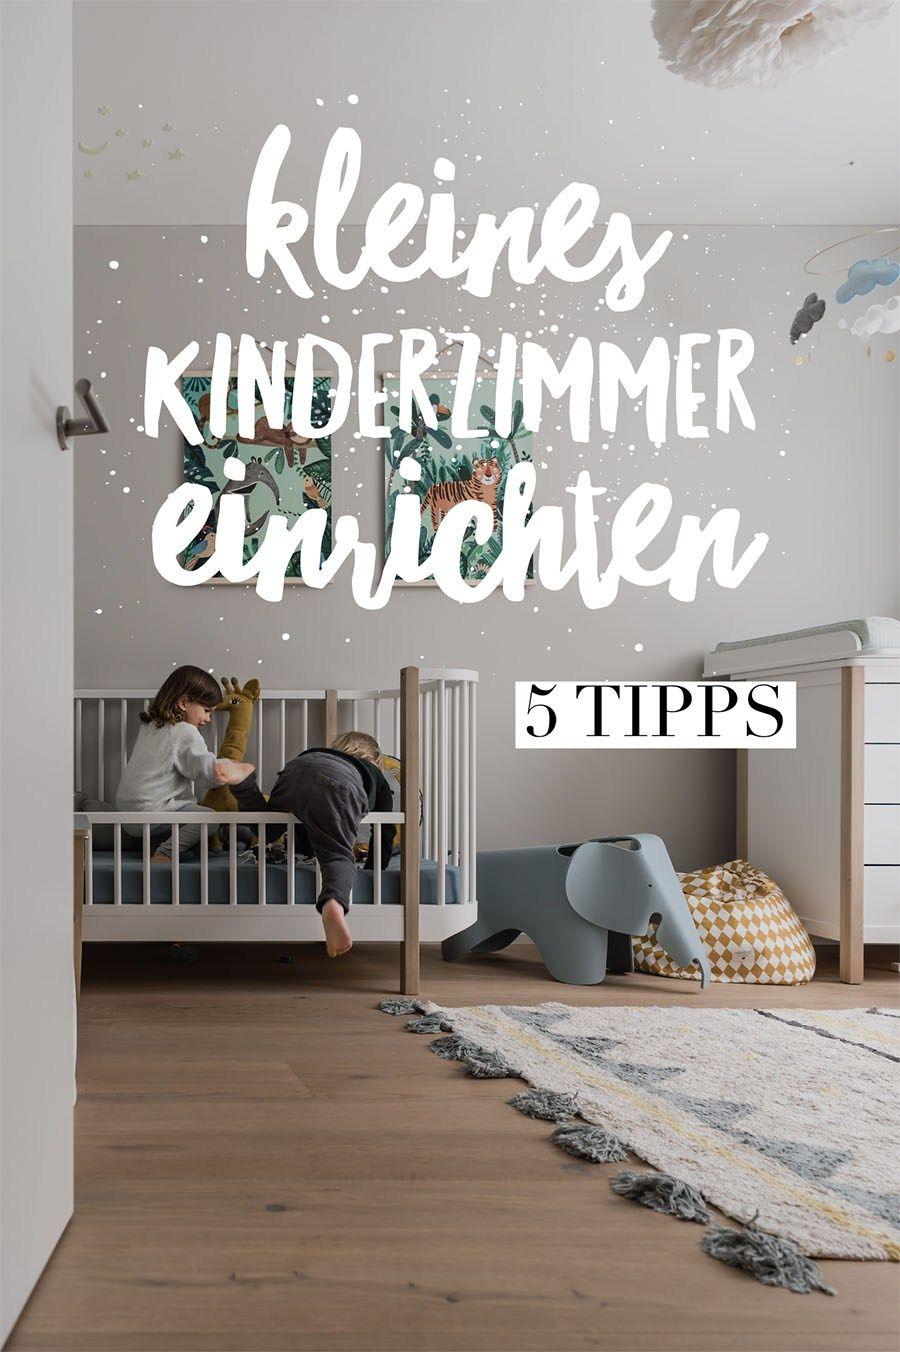 5 Tipps, um ein kleines Kinderzimmer einzurichten   Kleines ...